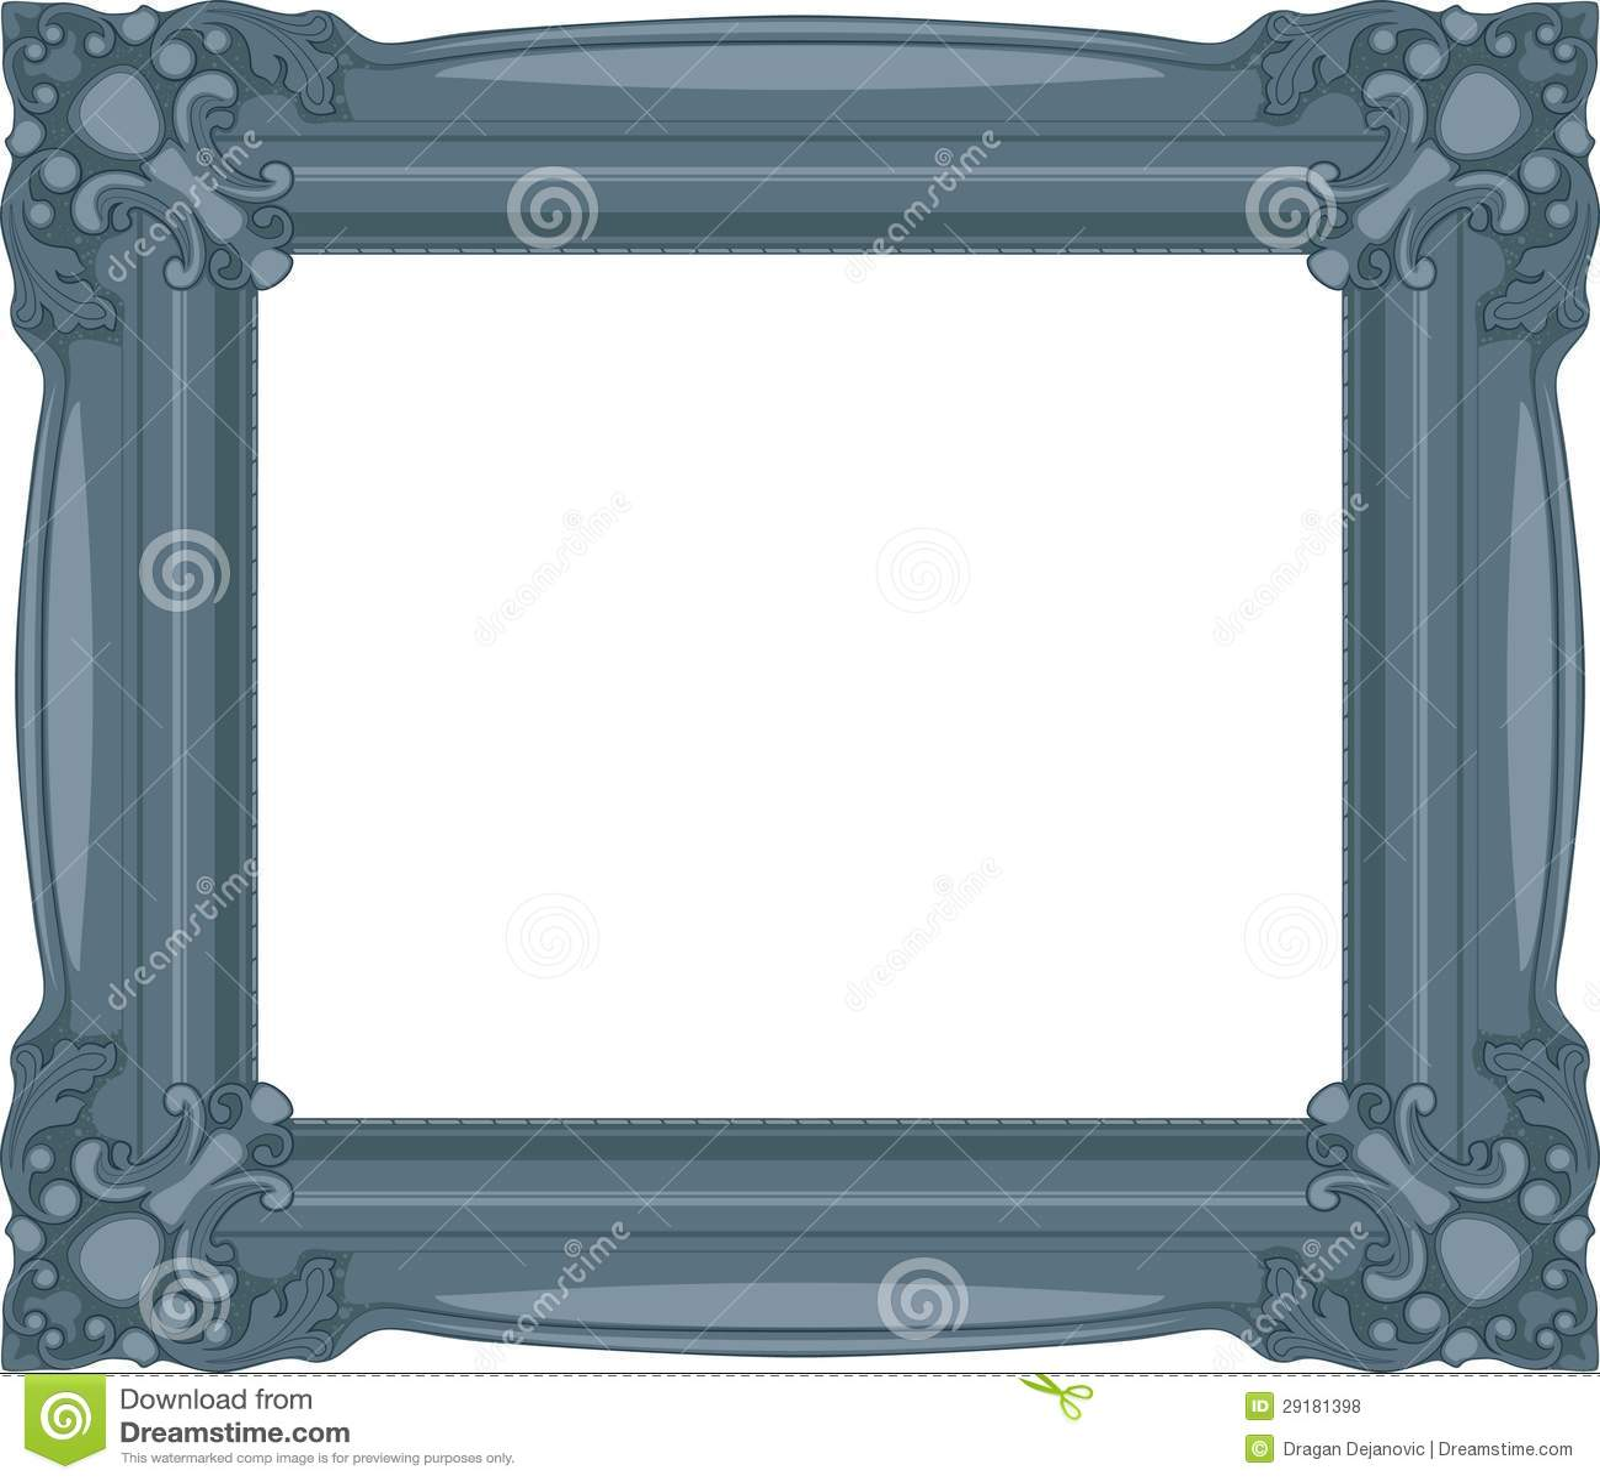 navy blue baroque frame stock vector illustration of interior 29181398. Black Bedroom Furniture Sets. Home Design Ideas